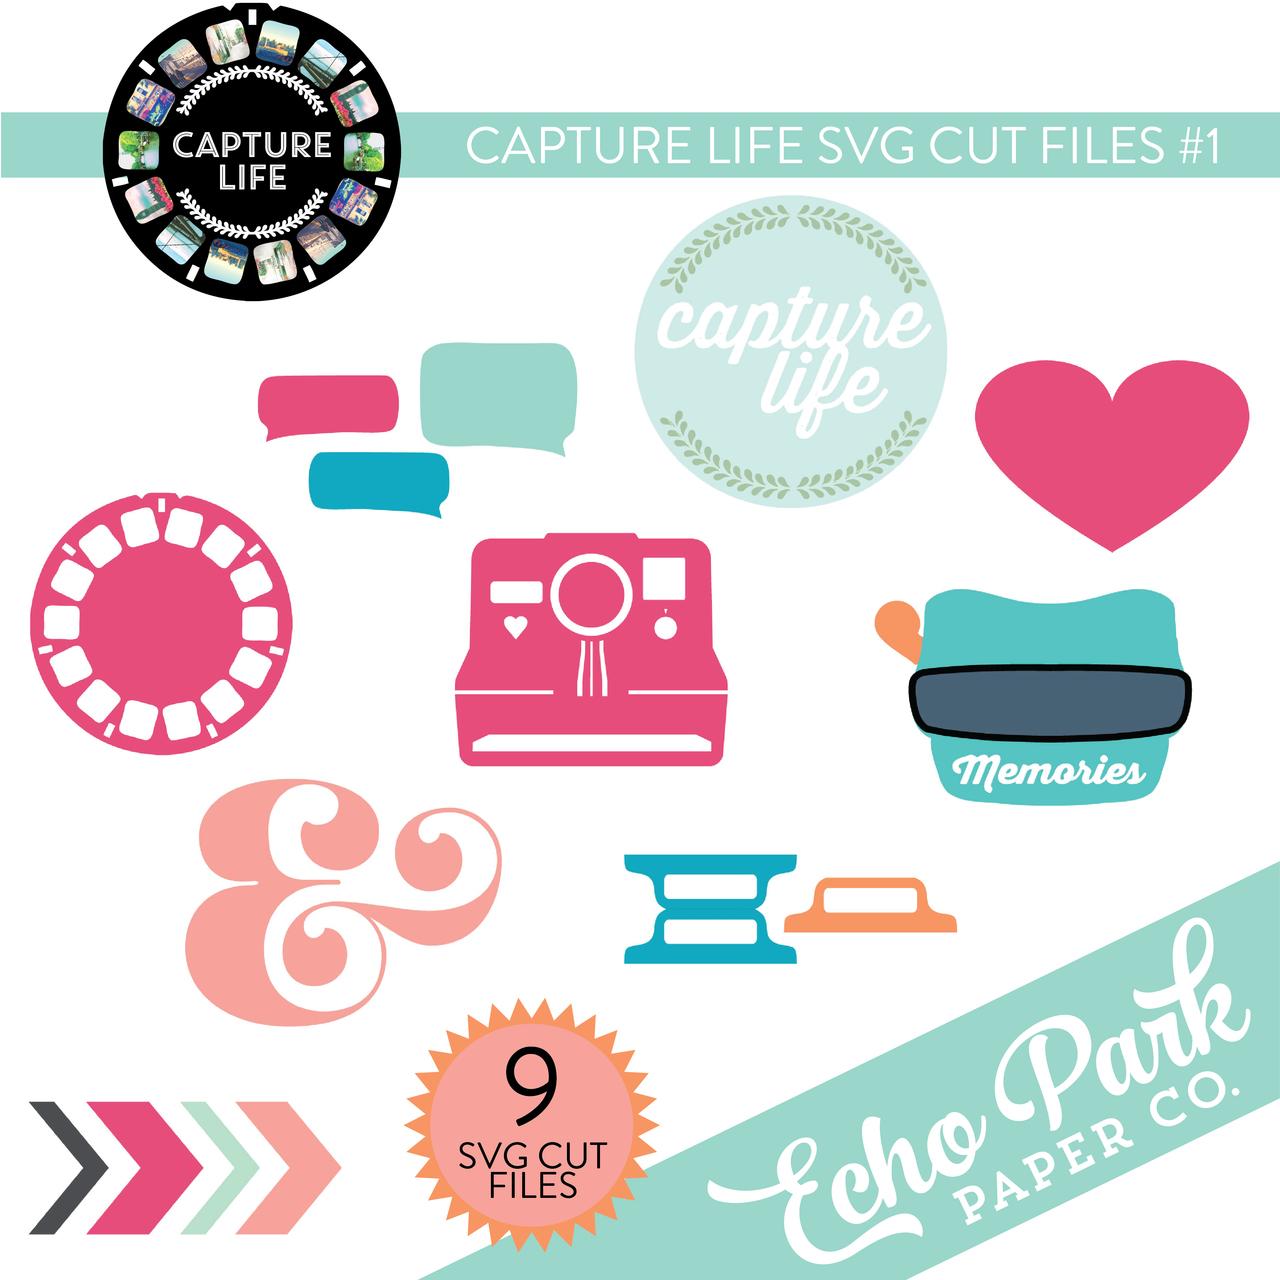 Capture Life SVG Cut Files #1